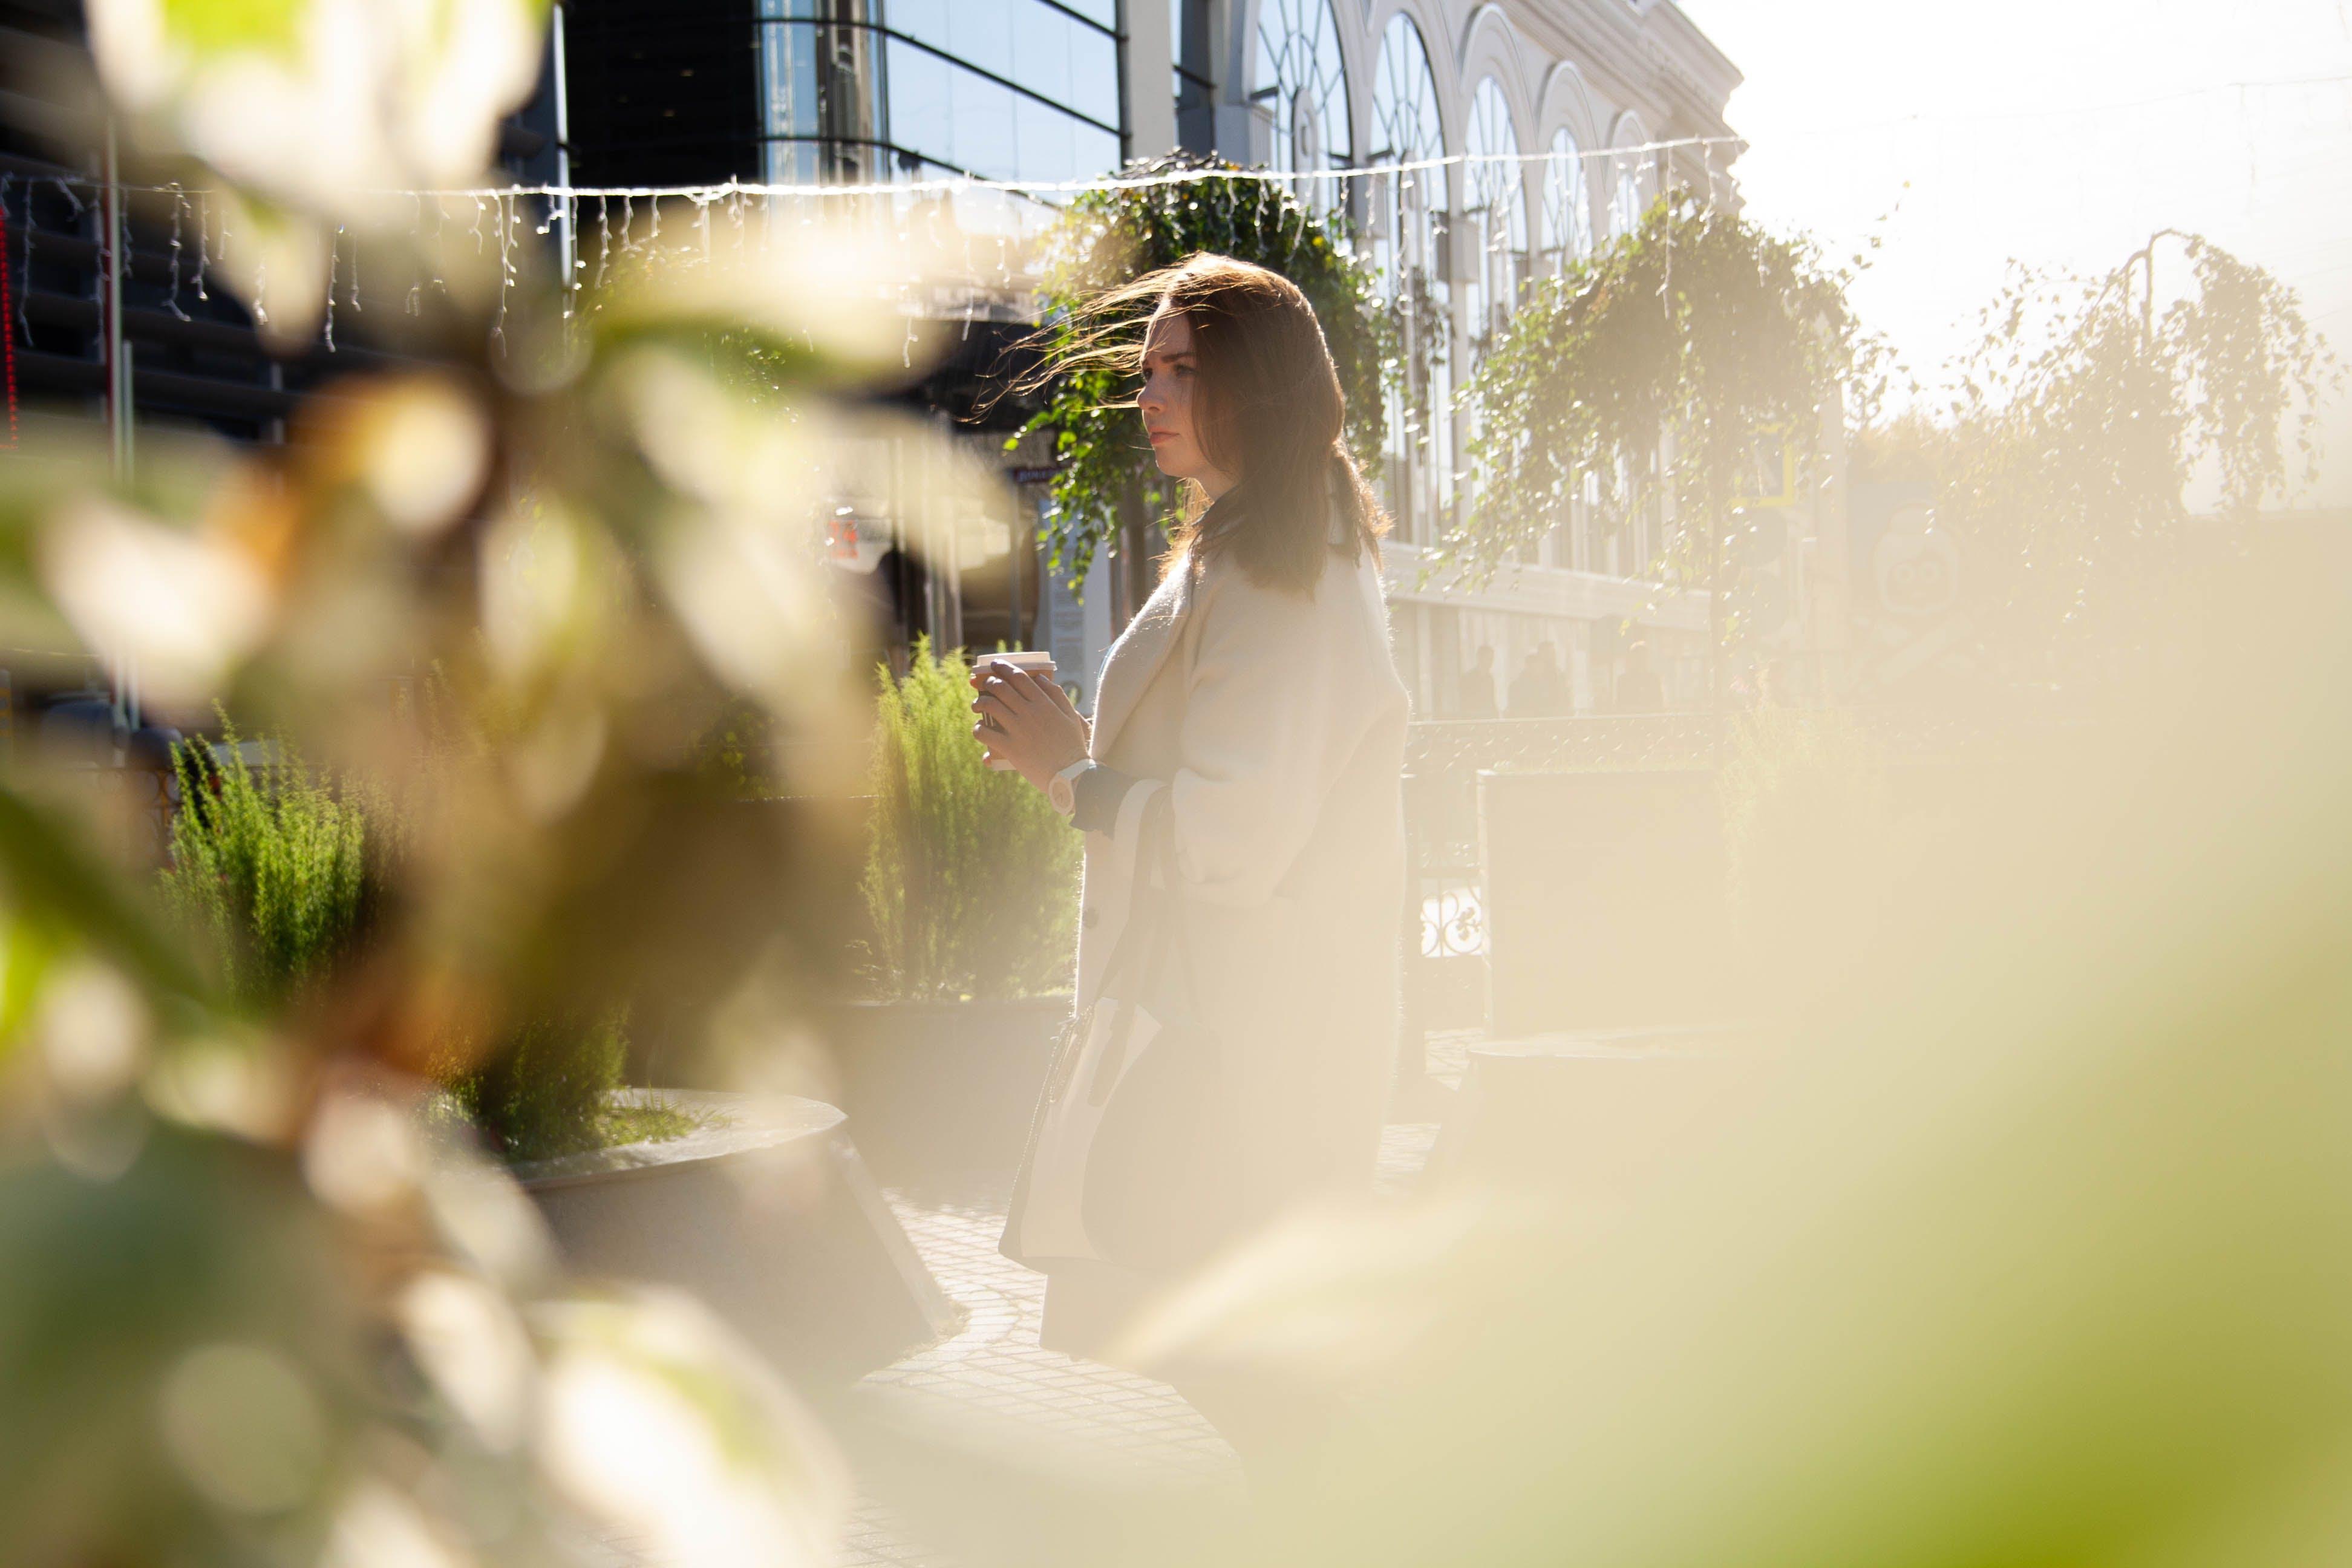 Woman in Gray Coat Standing Near Green Plants